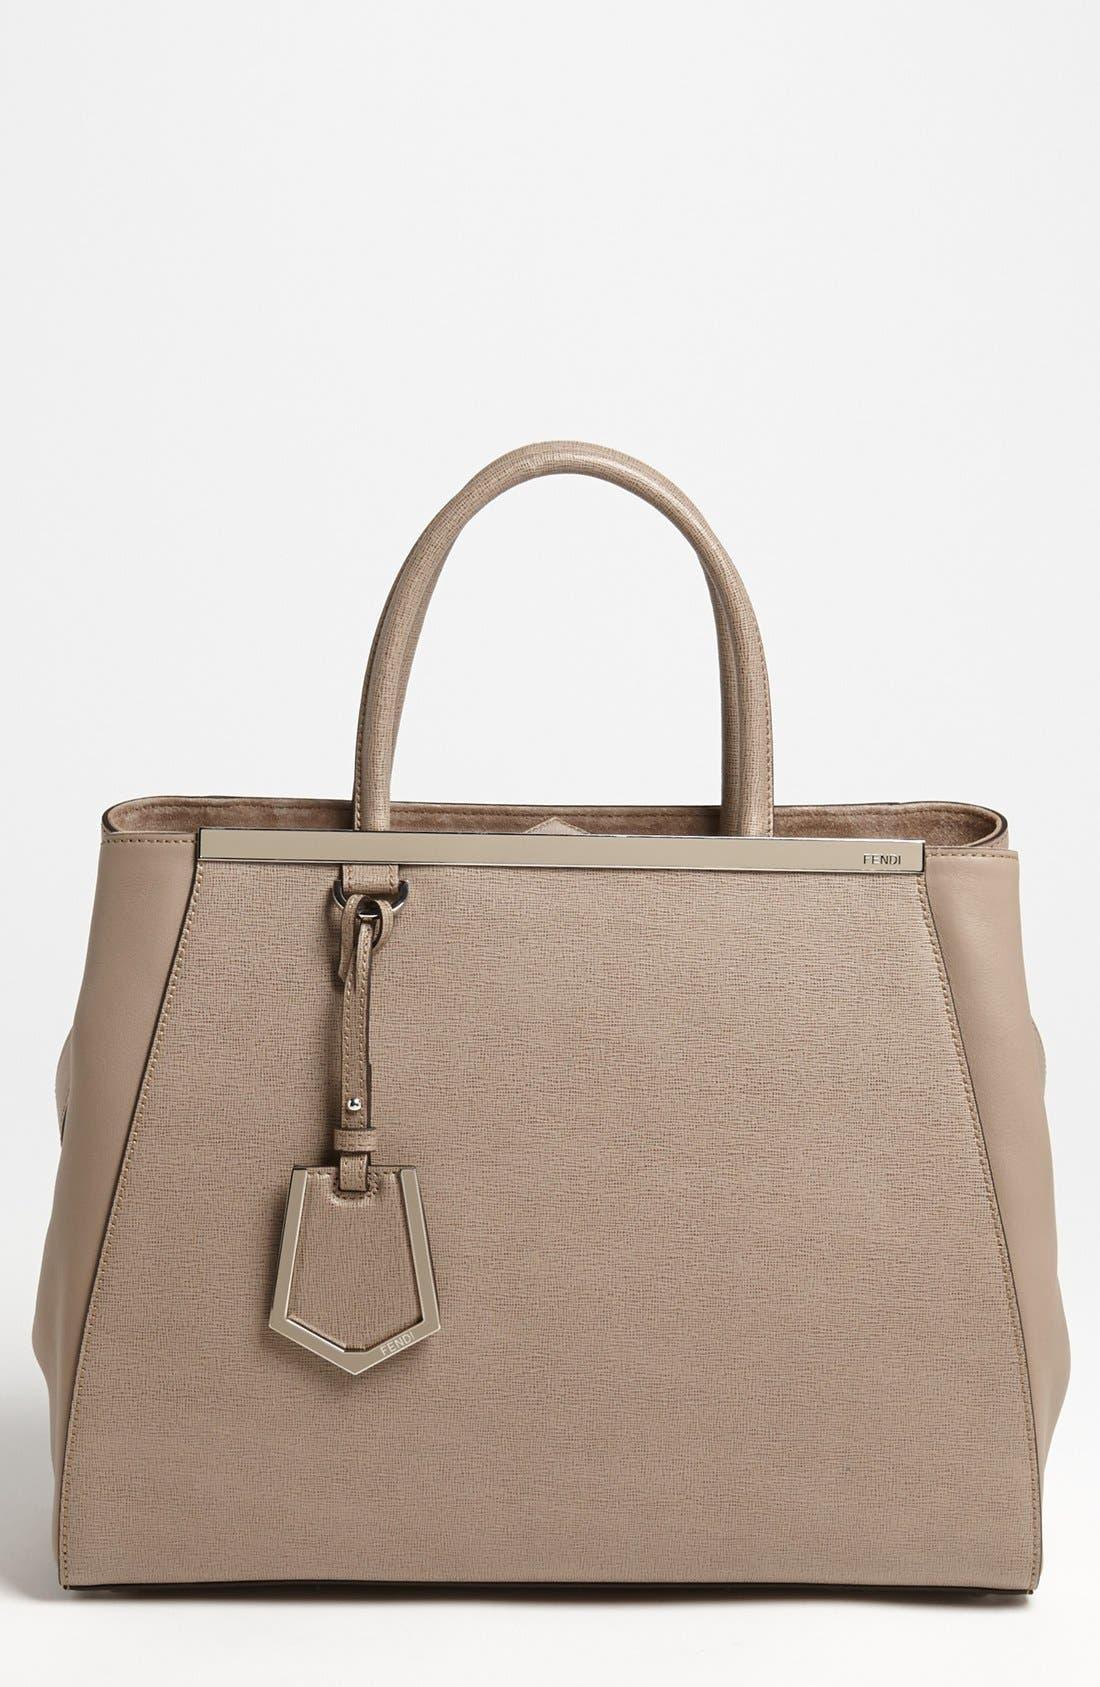 Alternate Image 1 Selected - Fendi '2Jours Elite' Leather Shopper